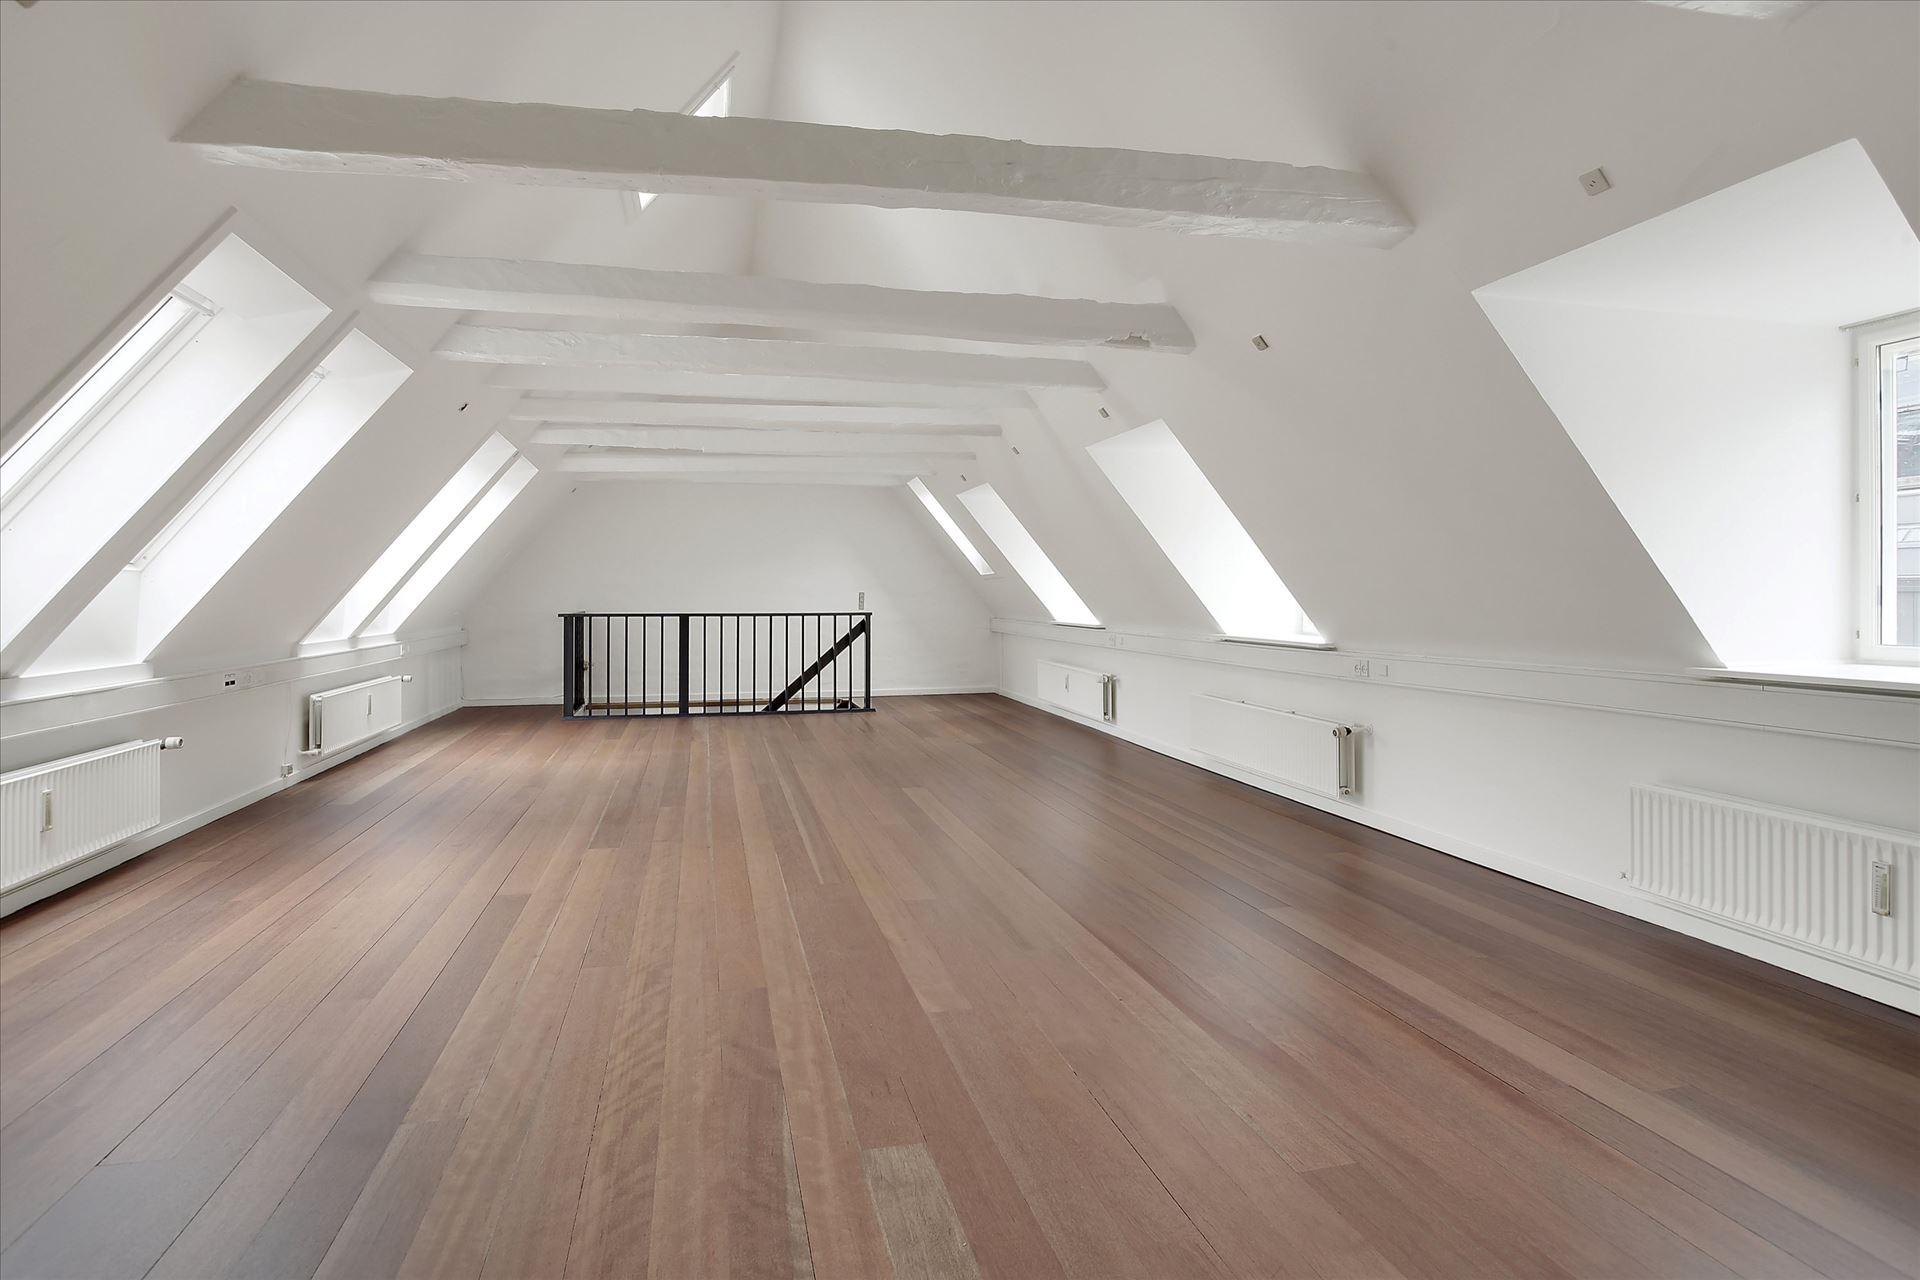 134 m² kontor – lyst og lækkert storrum